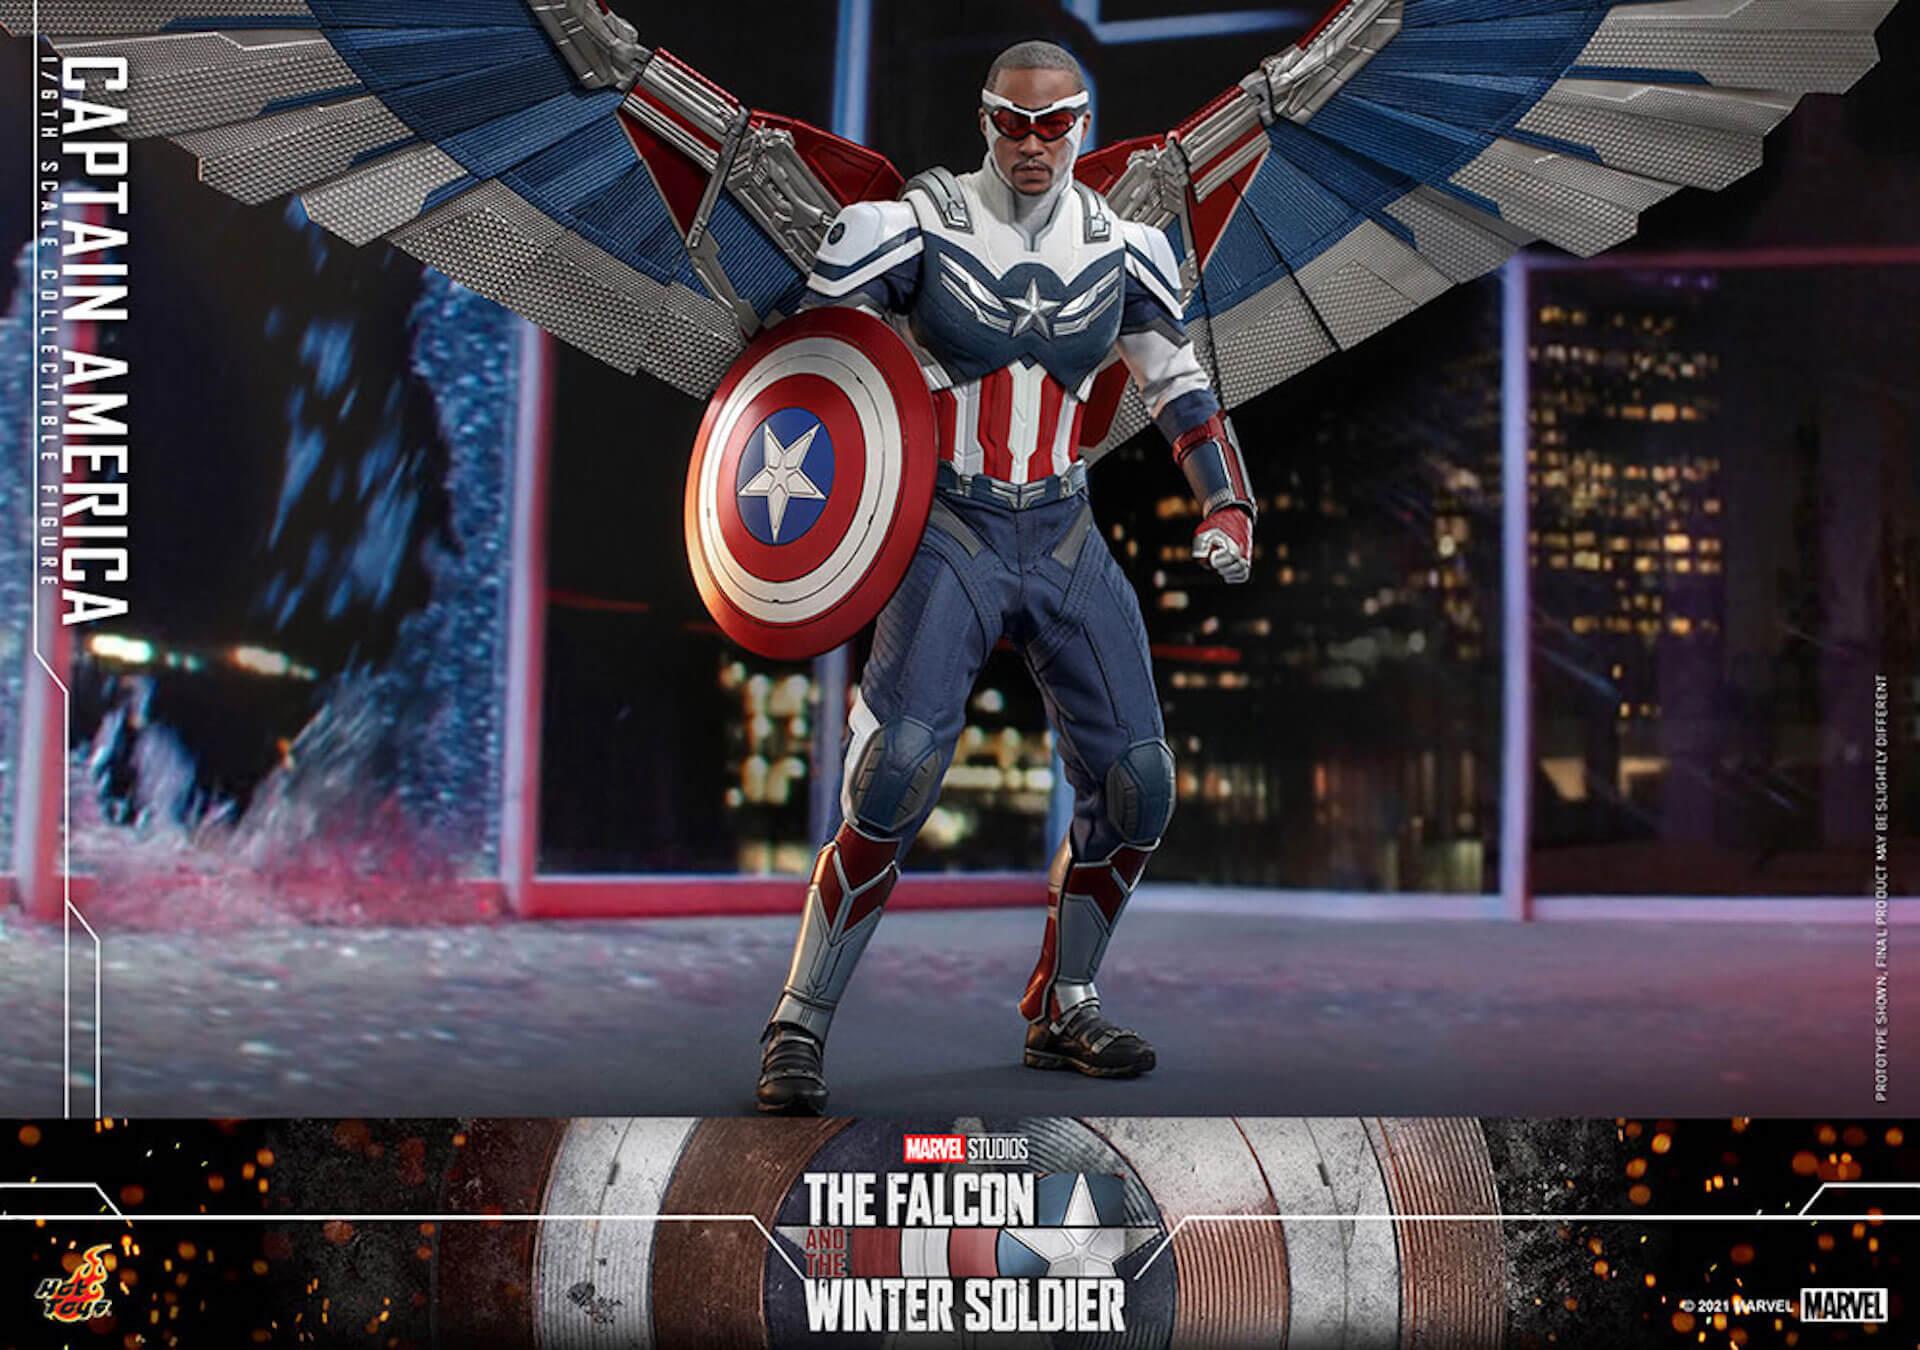 新たなキャプテン・アメリカが早くもホットトイズでフィギュアに!『ファルコン&ウィンター・ソルジャー』のサム・ウィルソンが登場 art210506_falcon_wintersoldier_2